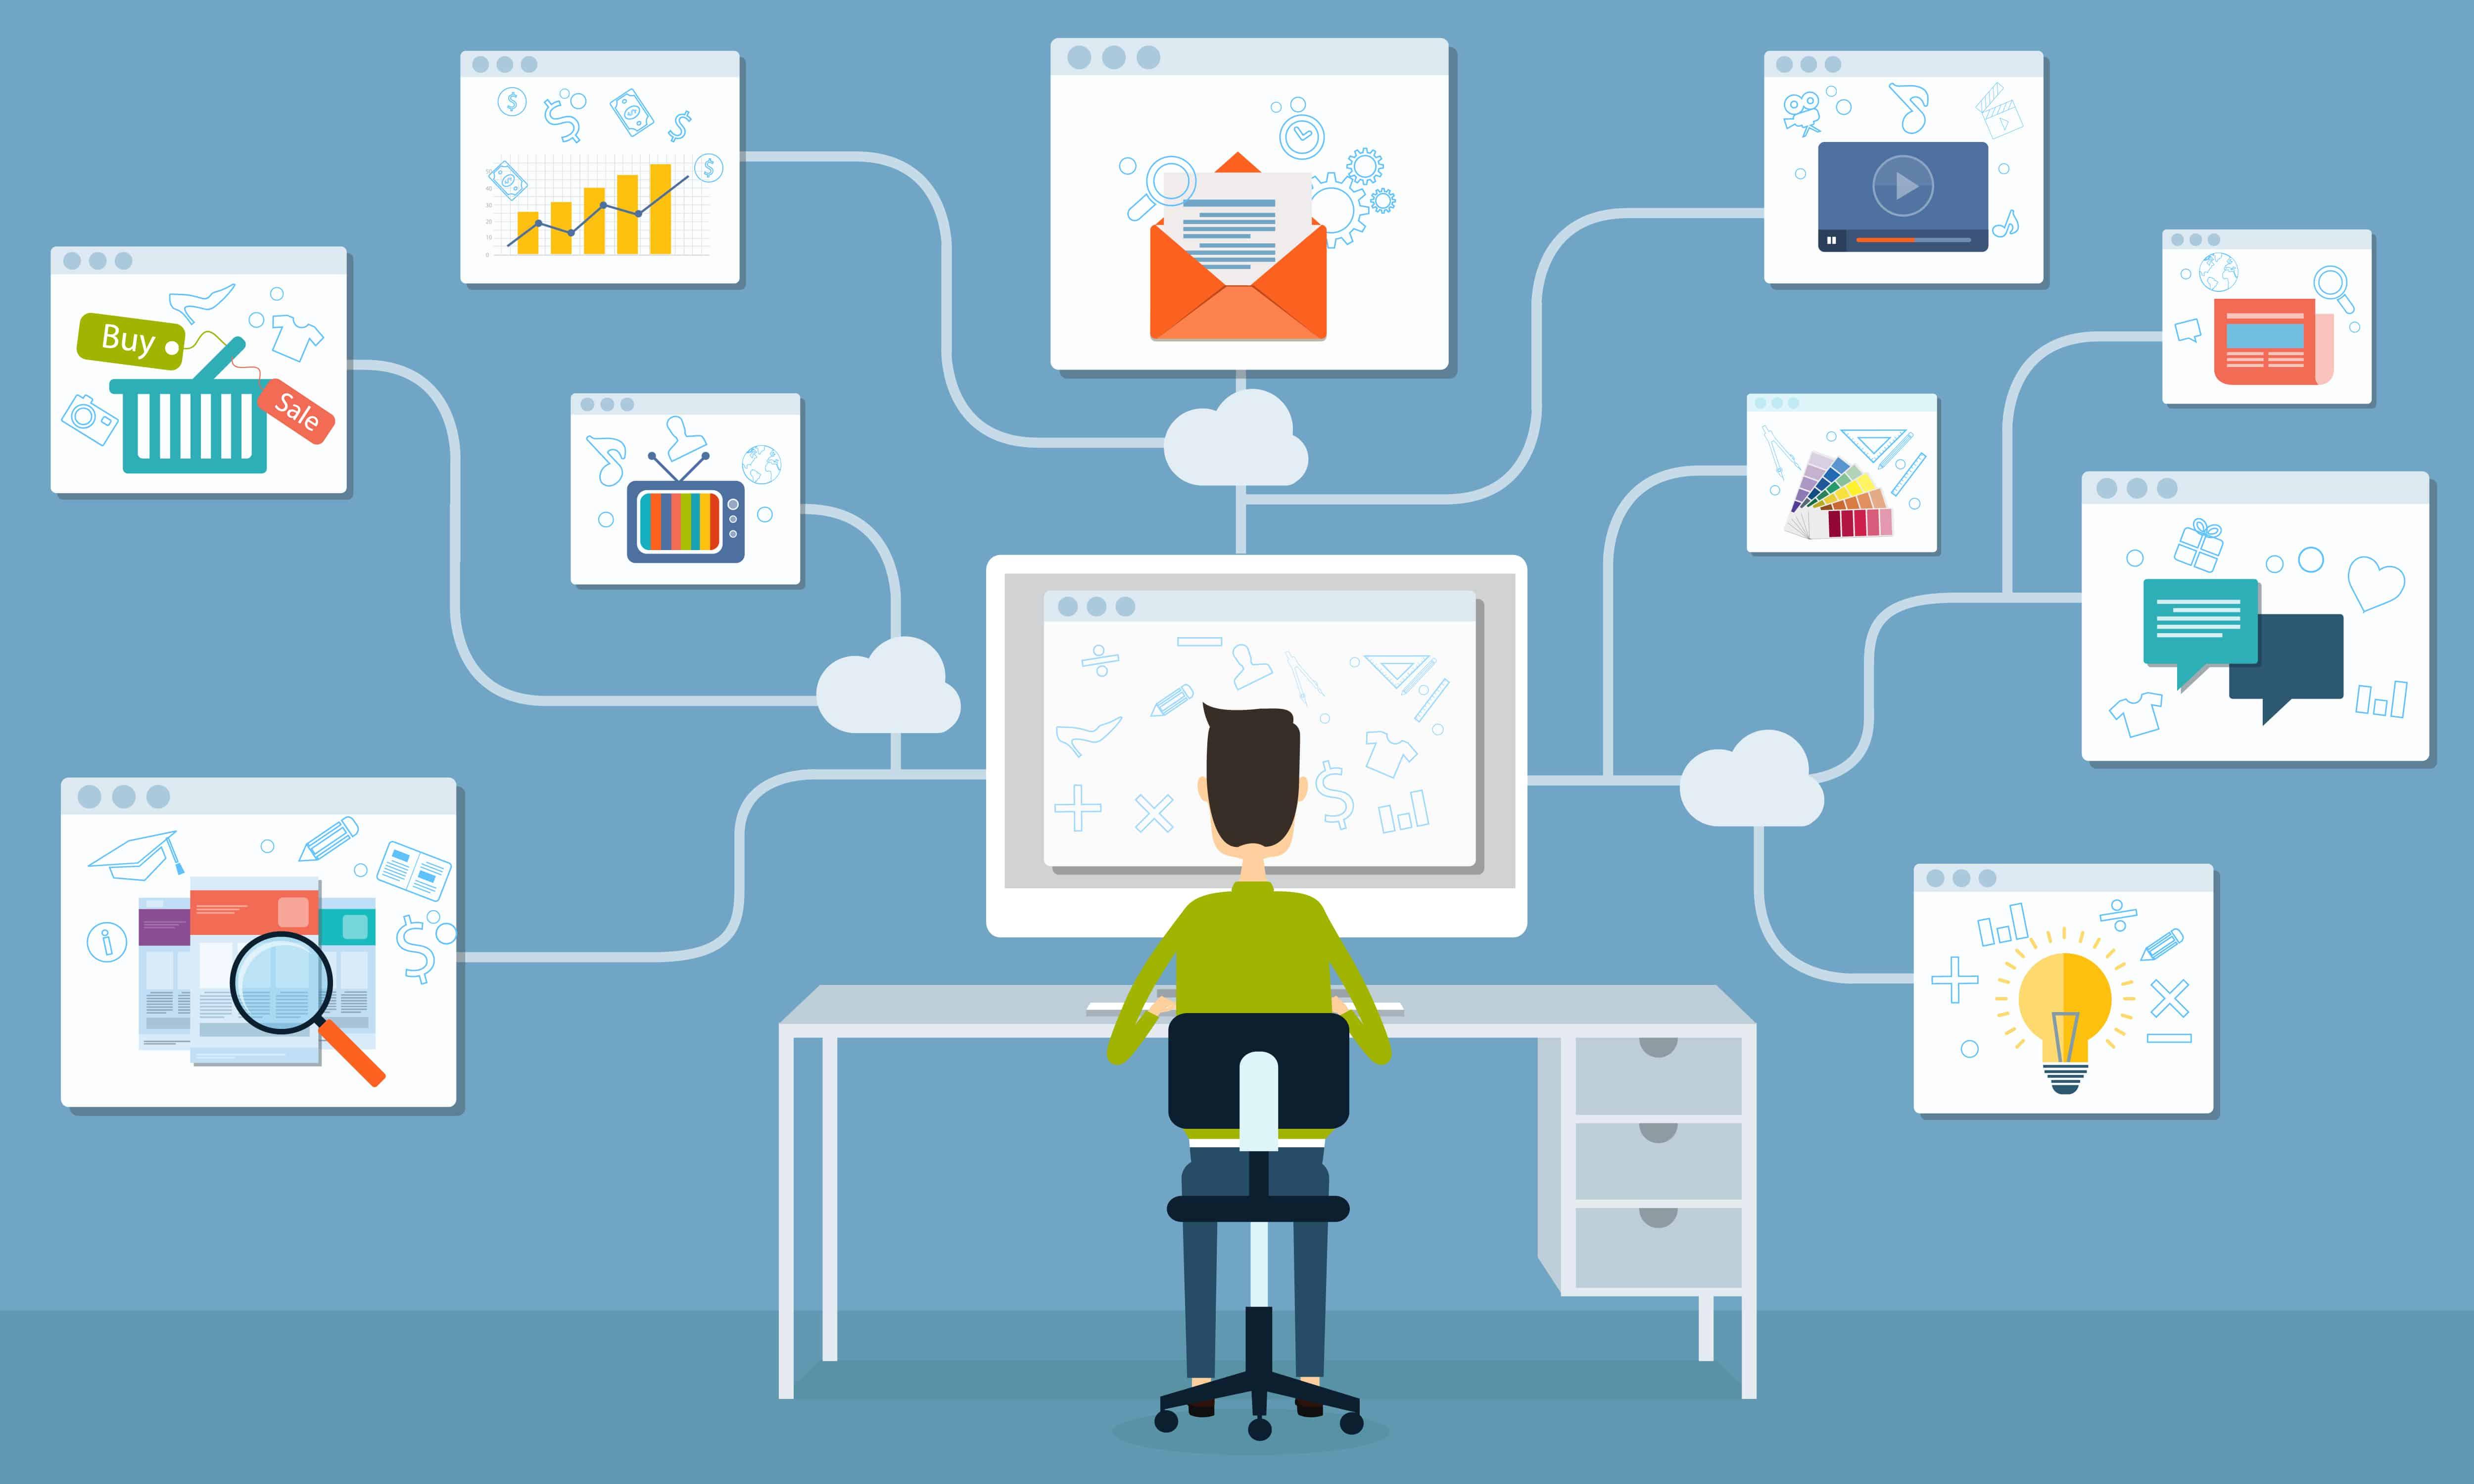 สิ่งที่อาจช่วยให้การศึกษาออนไลน์มีโอกาสประสบความสำเร็จมากขึ้น